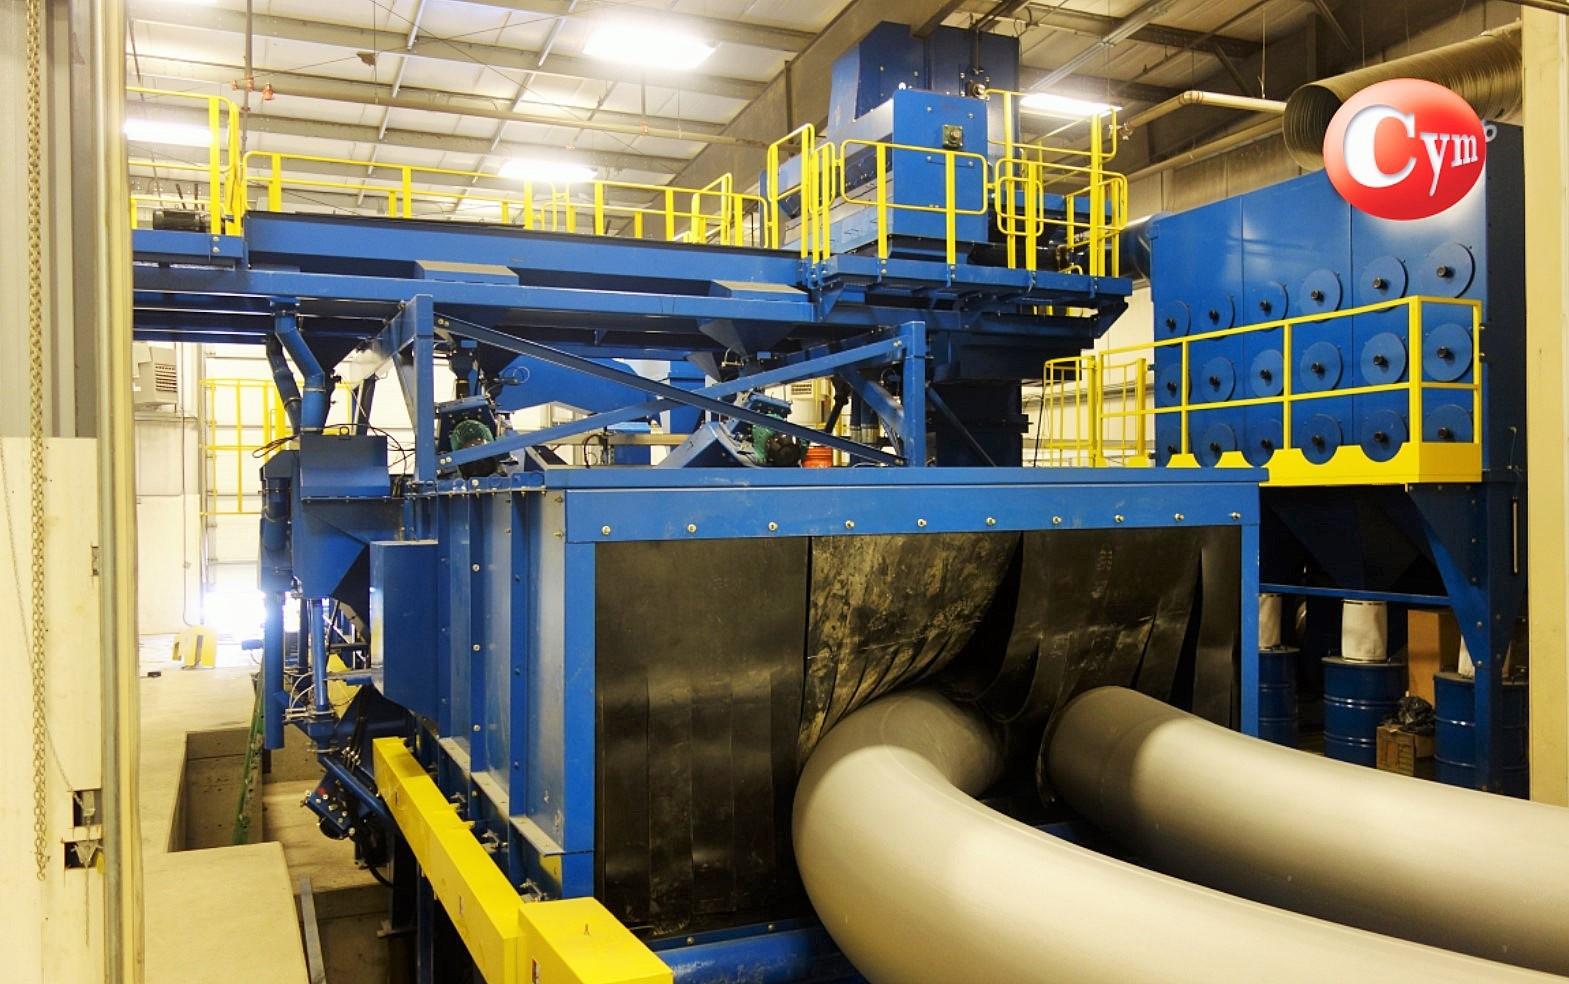 granalladora-estructuras-soldadas-bending-pipes-perfiles-tubos-est35x15-cym